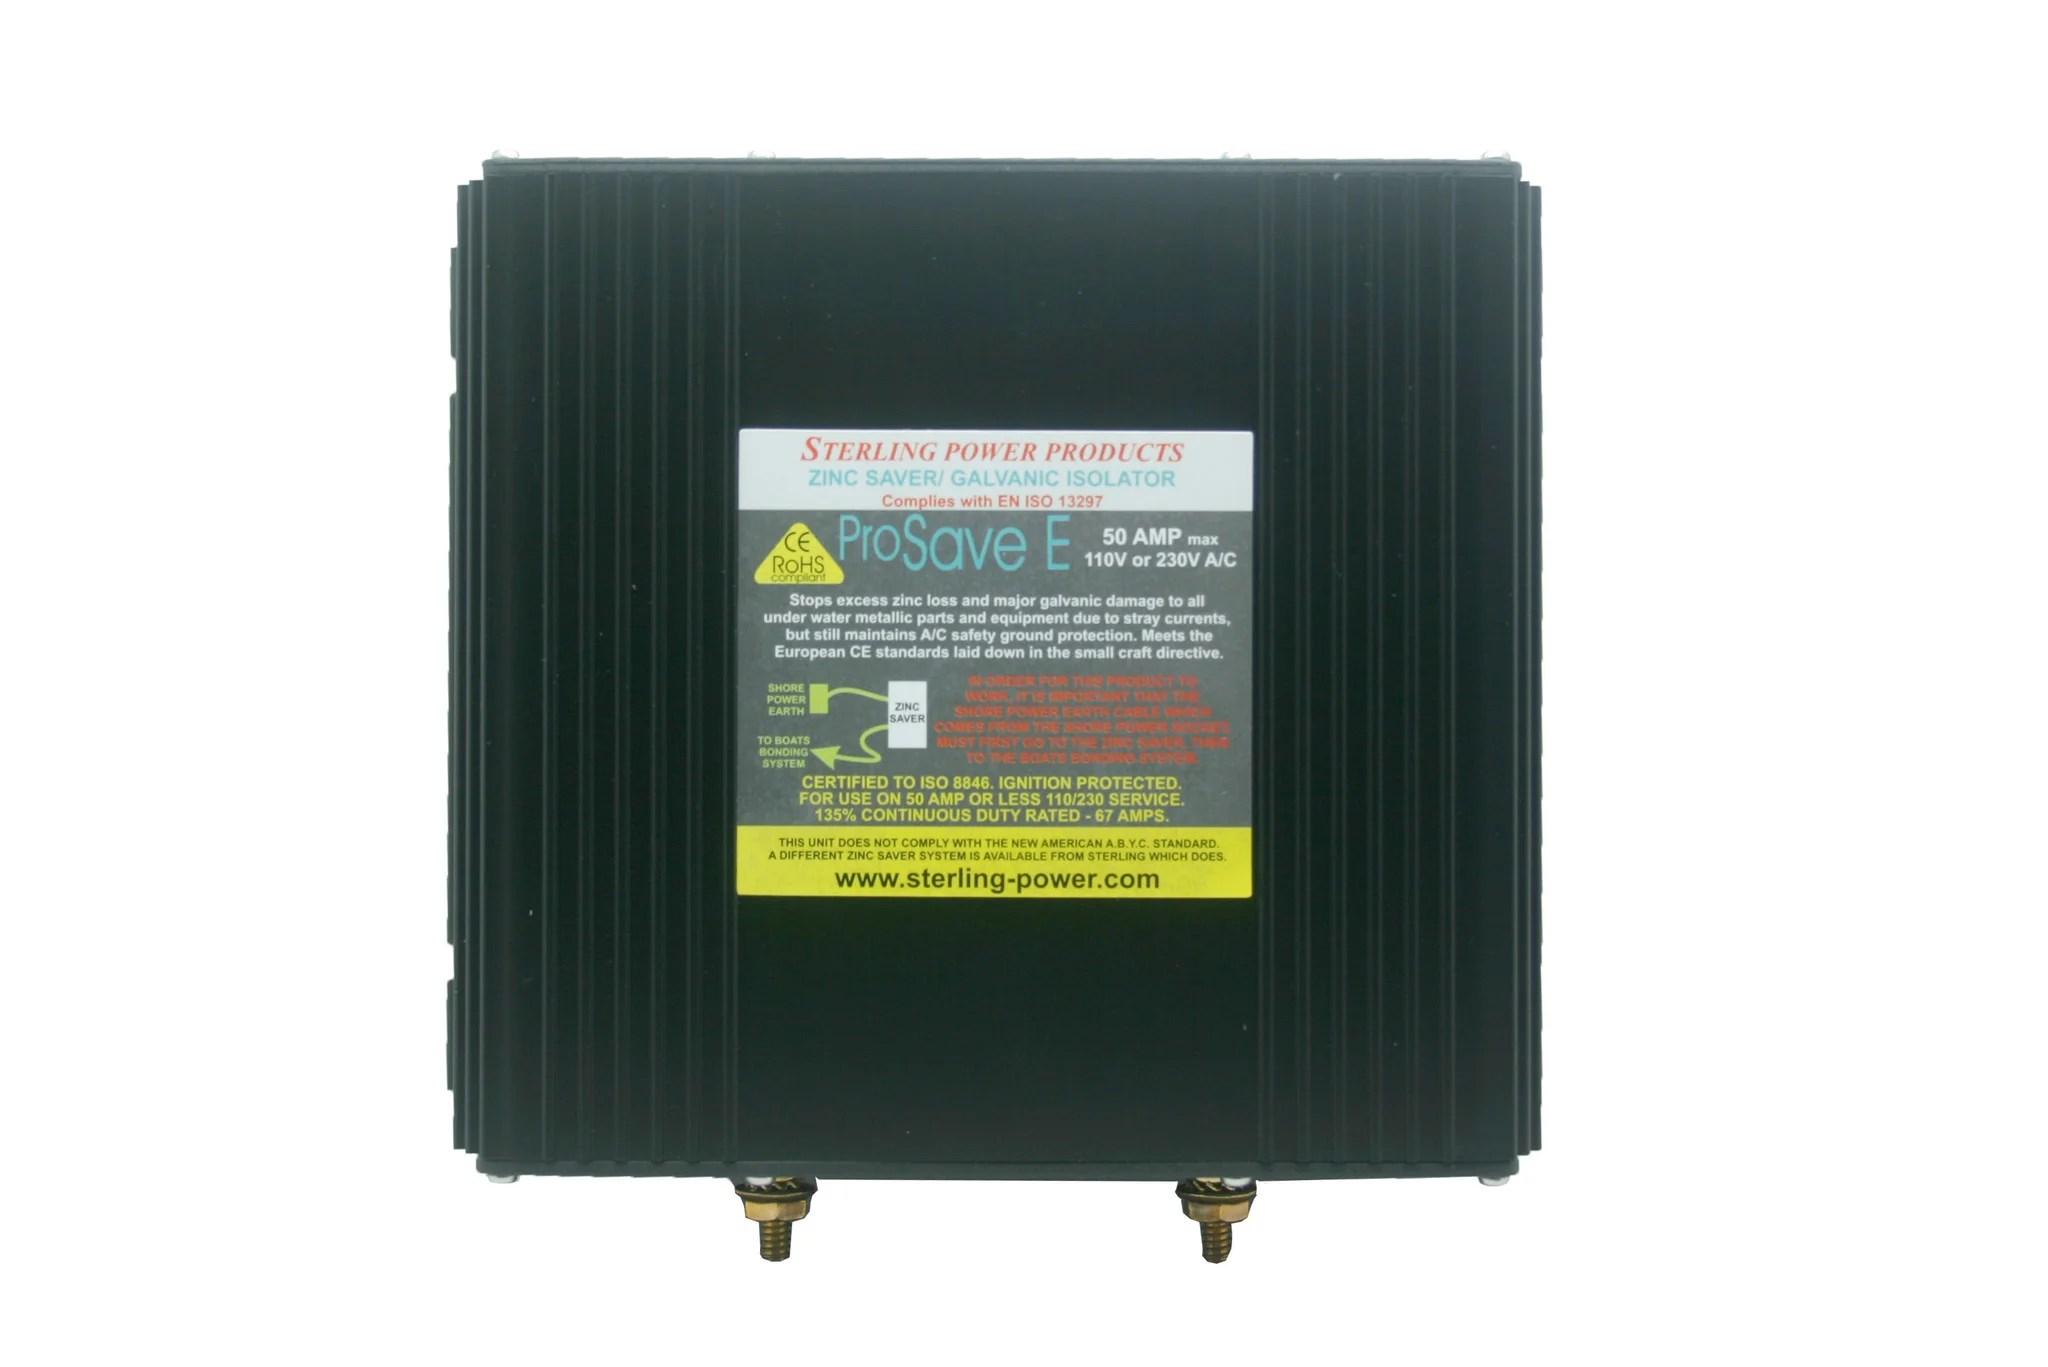 zinc savers galvanic isolators [ 2048 x 1367 Pixel ]